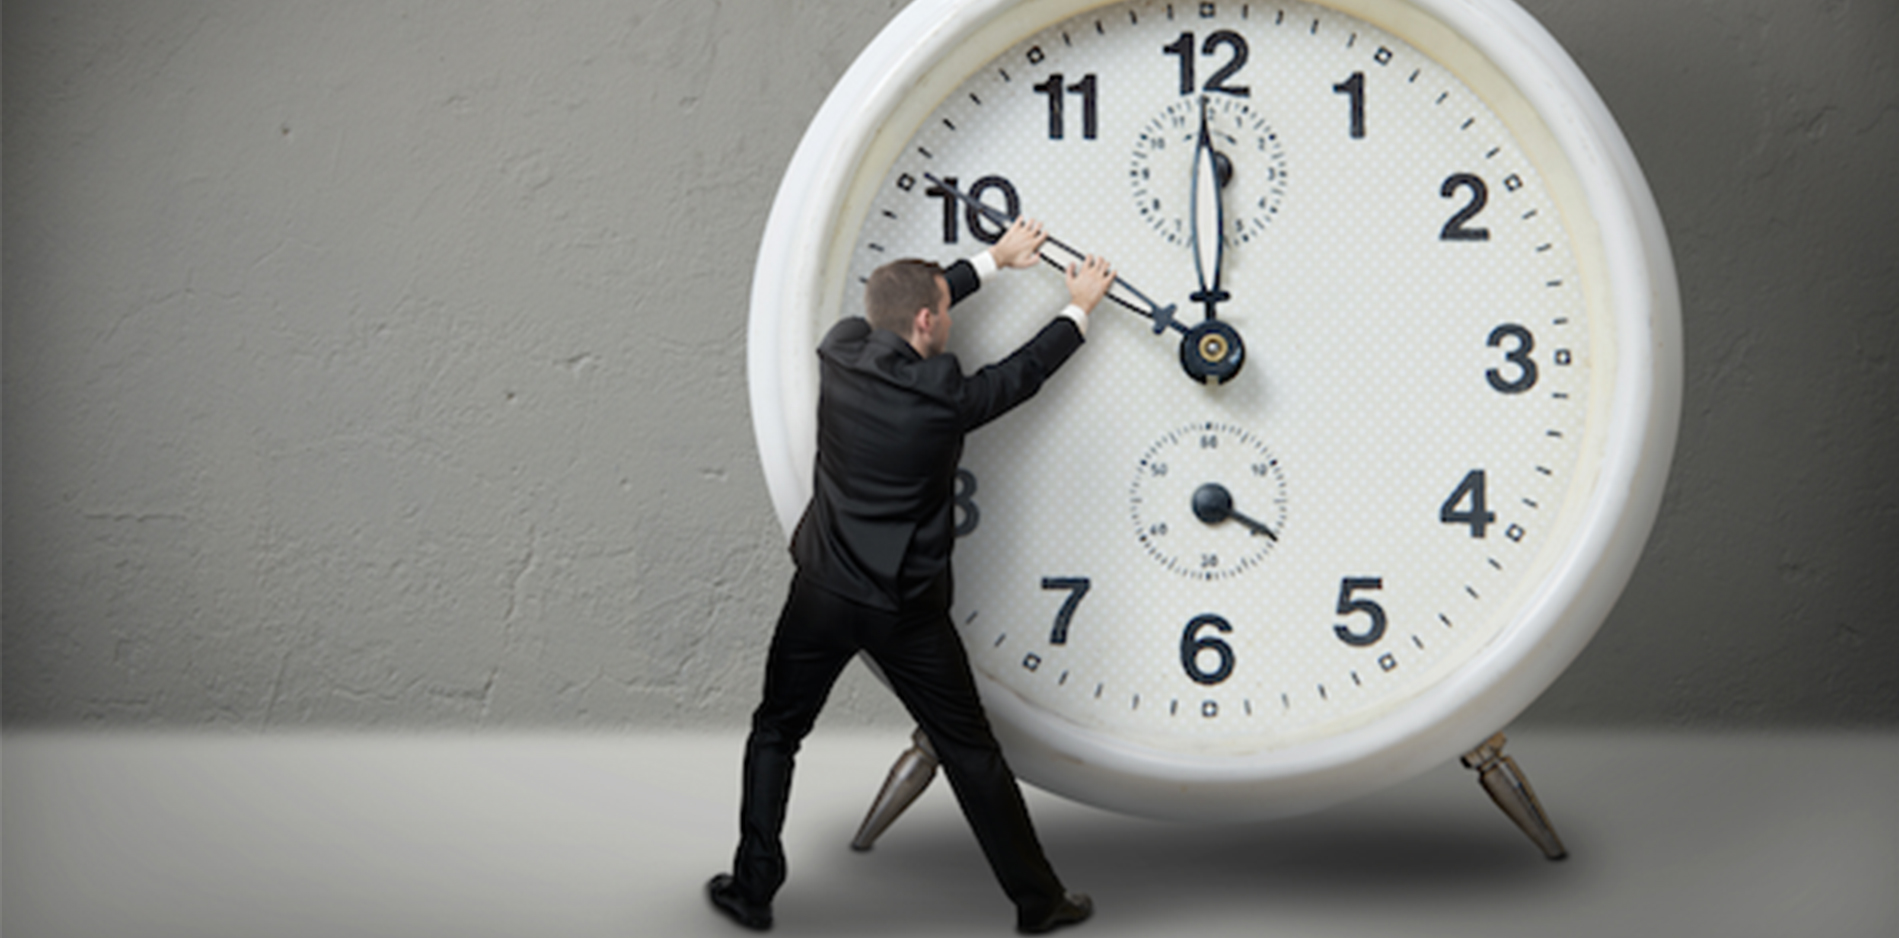 時計の針を動かそうとするサラリーマン|副腎疲労blog